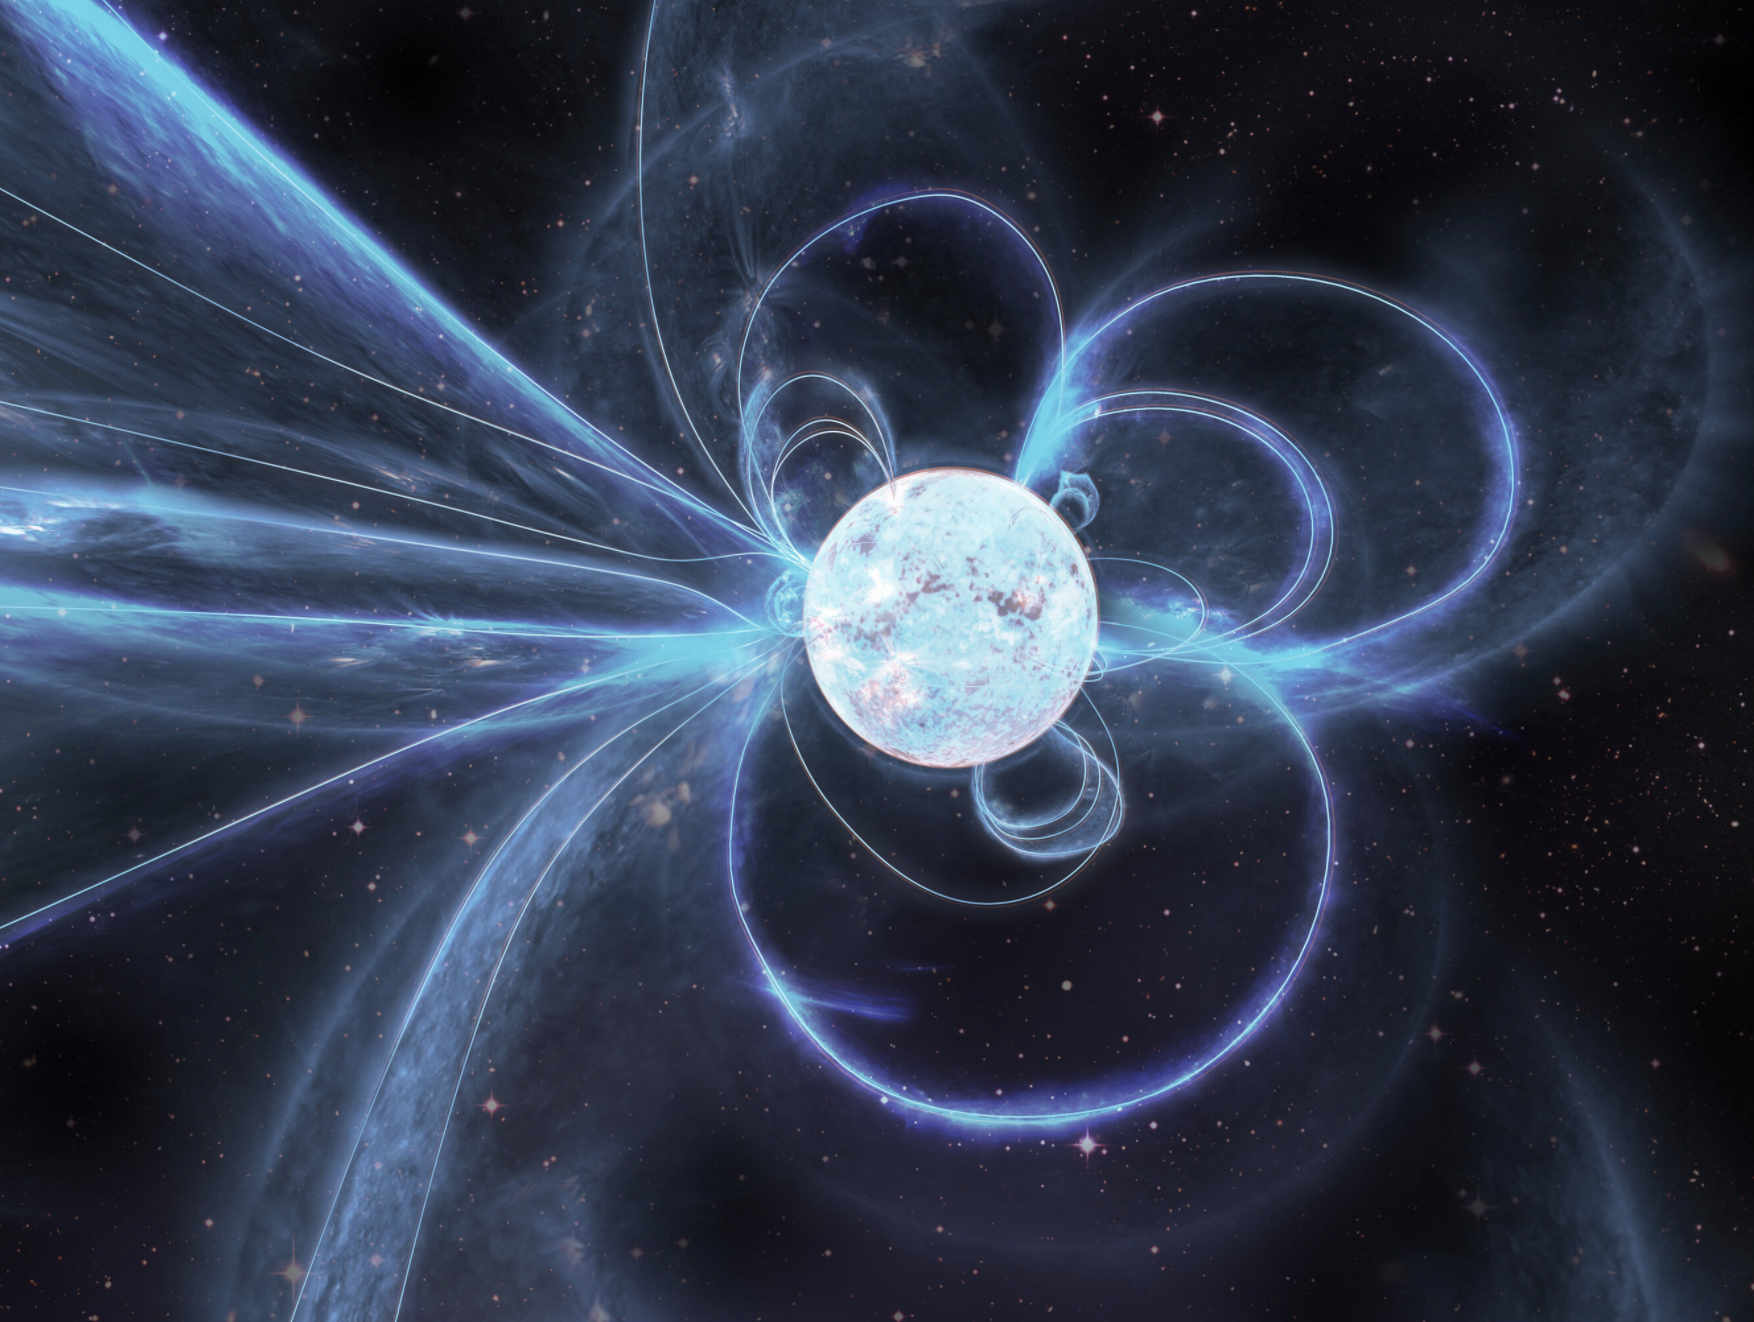 Astrónomos detectan actividad extraña proveniente de un magnetar recién descubierto